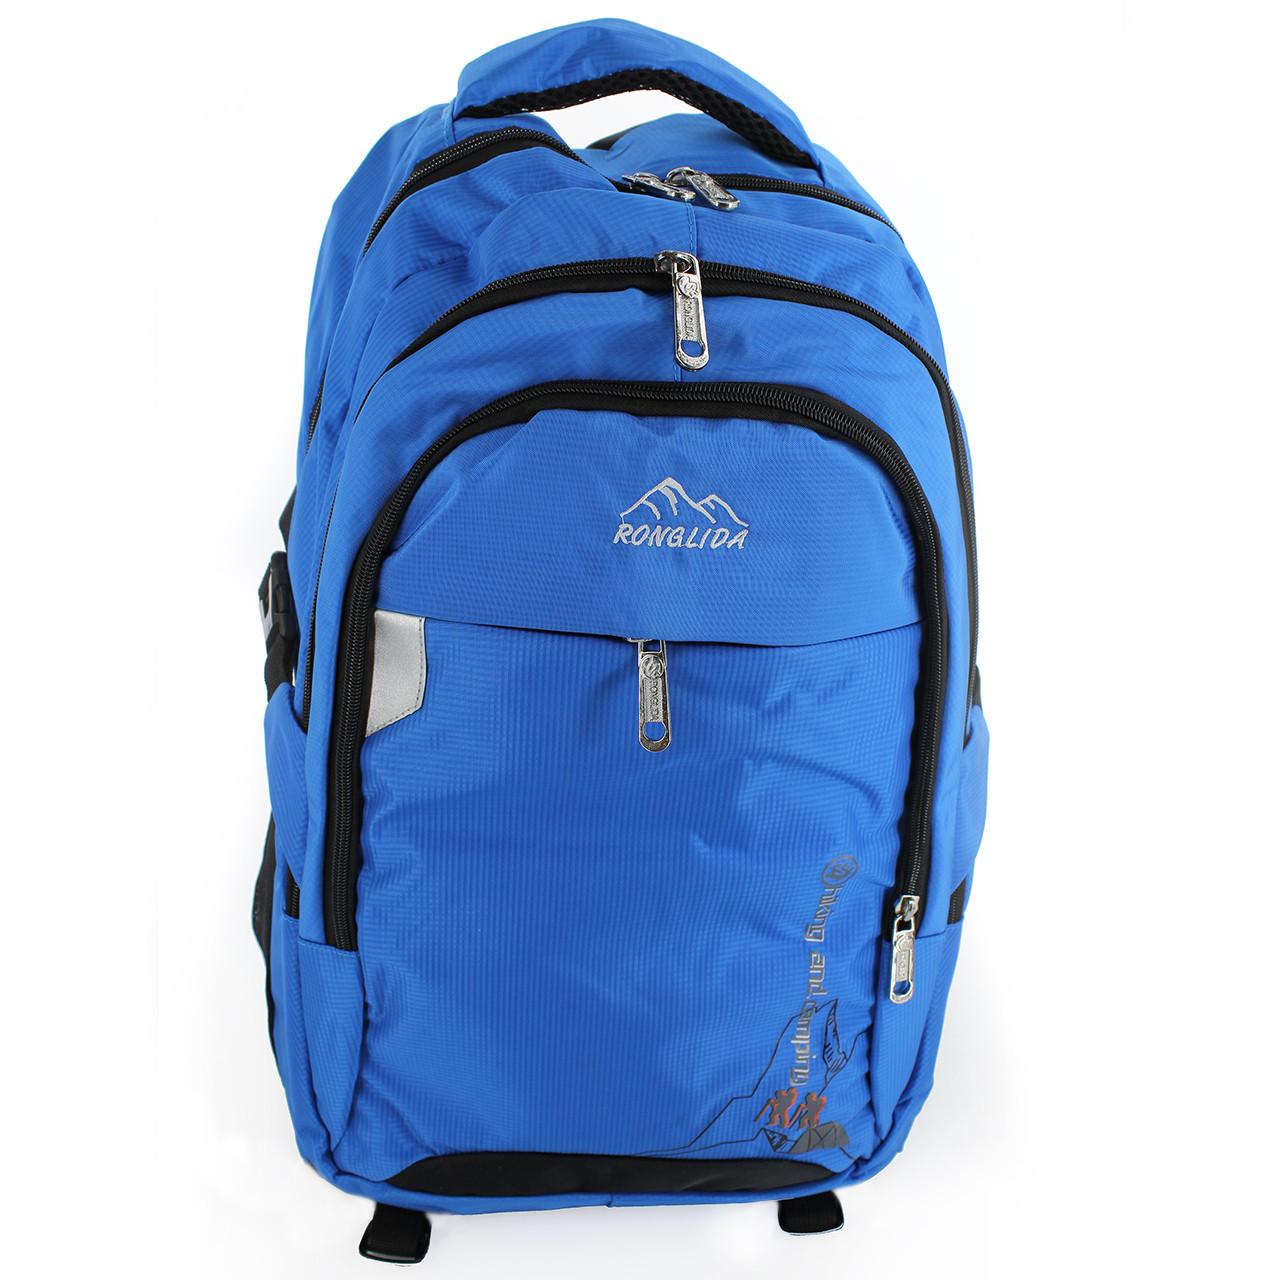 Рюкзак для туризма Hiking and camping, текстиль, 50 л